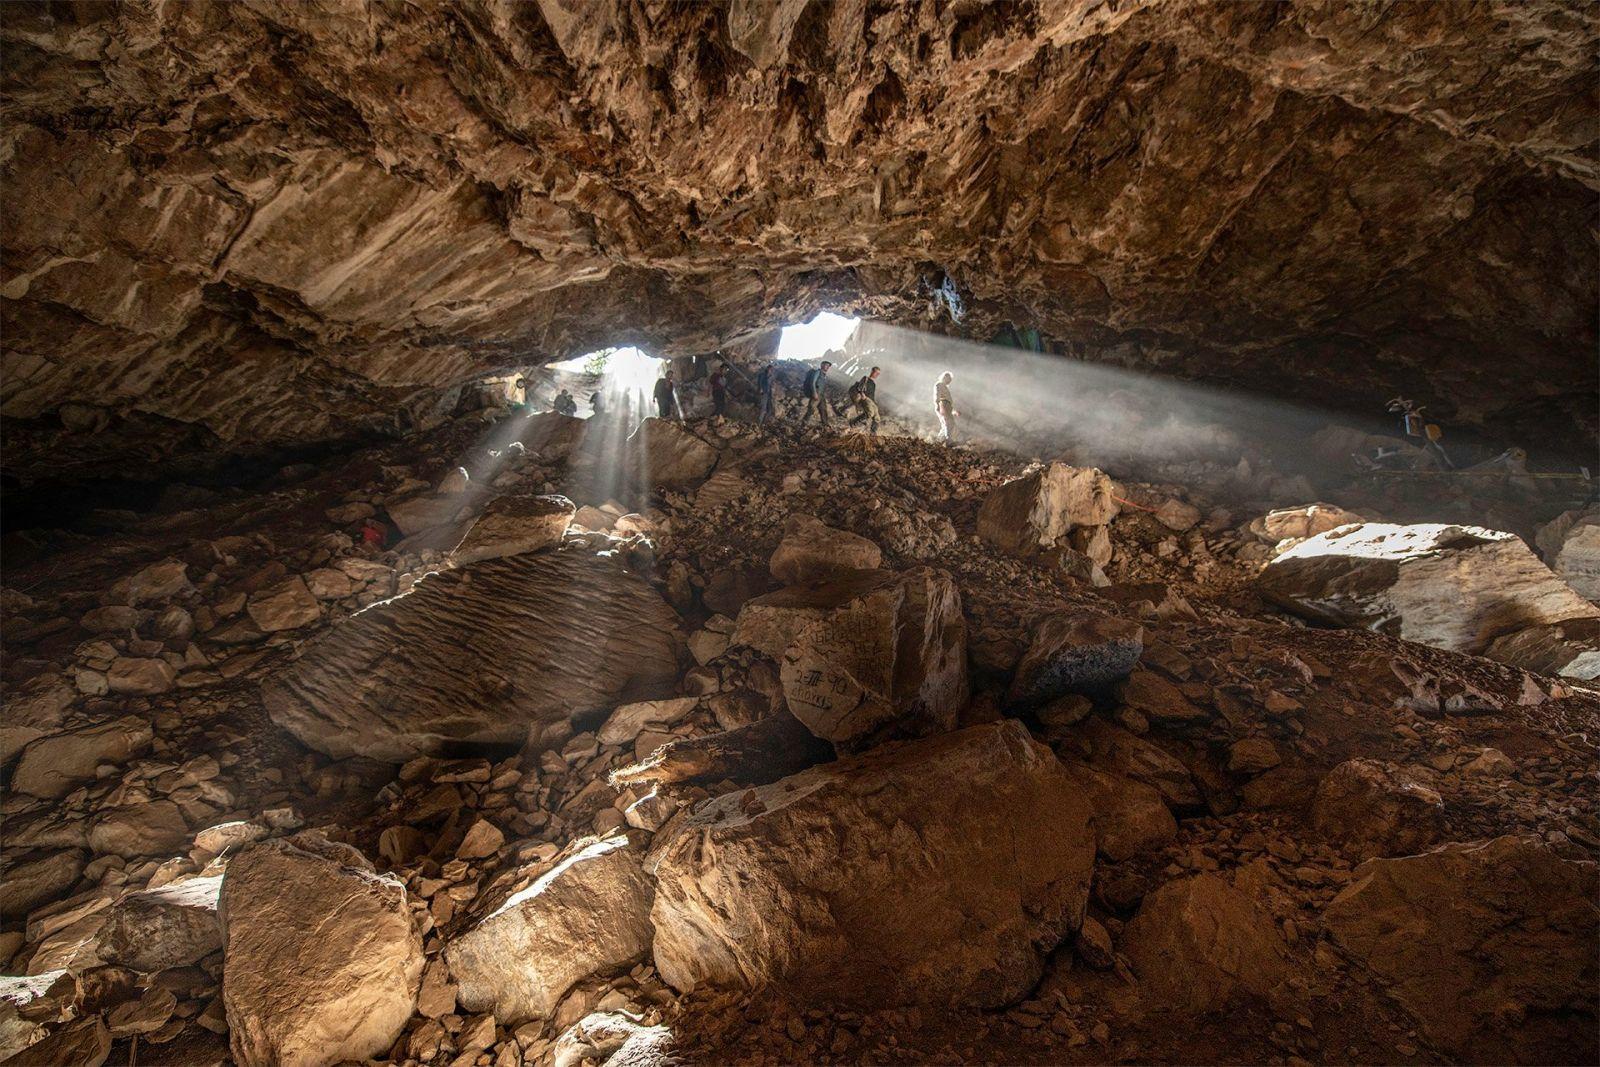 Equipe entra na caverna Chiquihuite. Crédito: Devlin A. Gandy